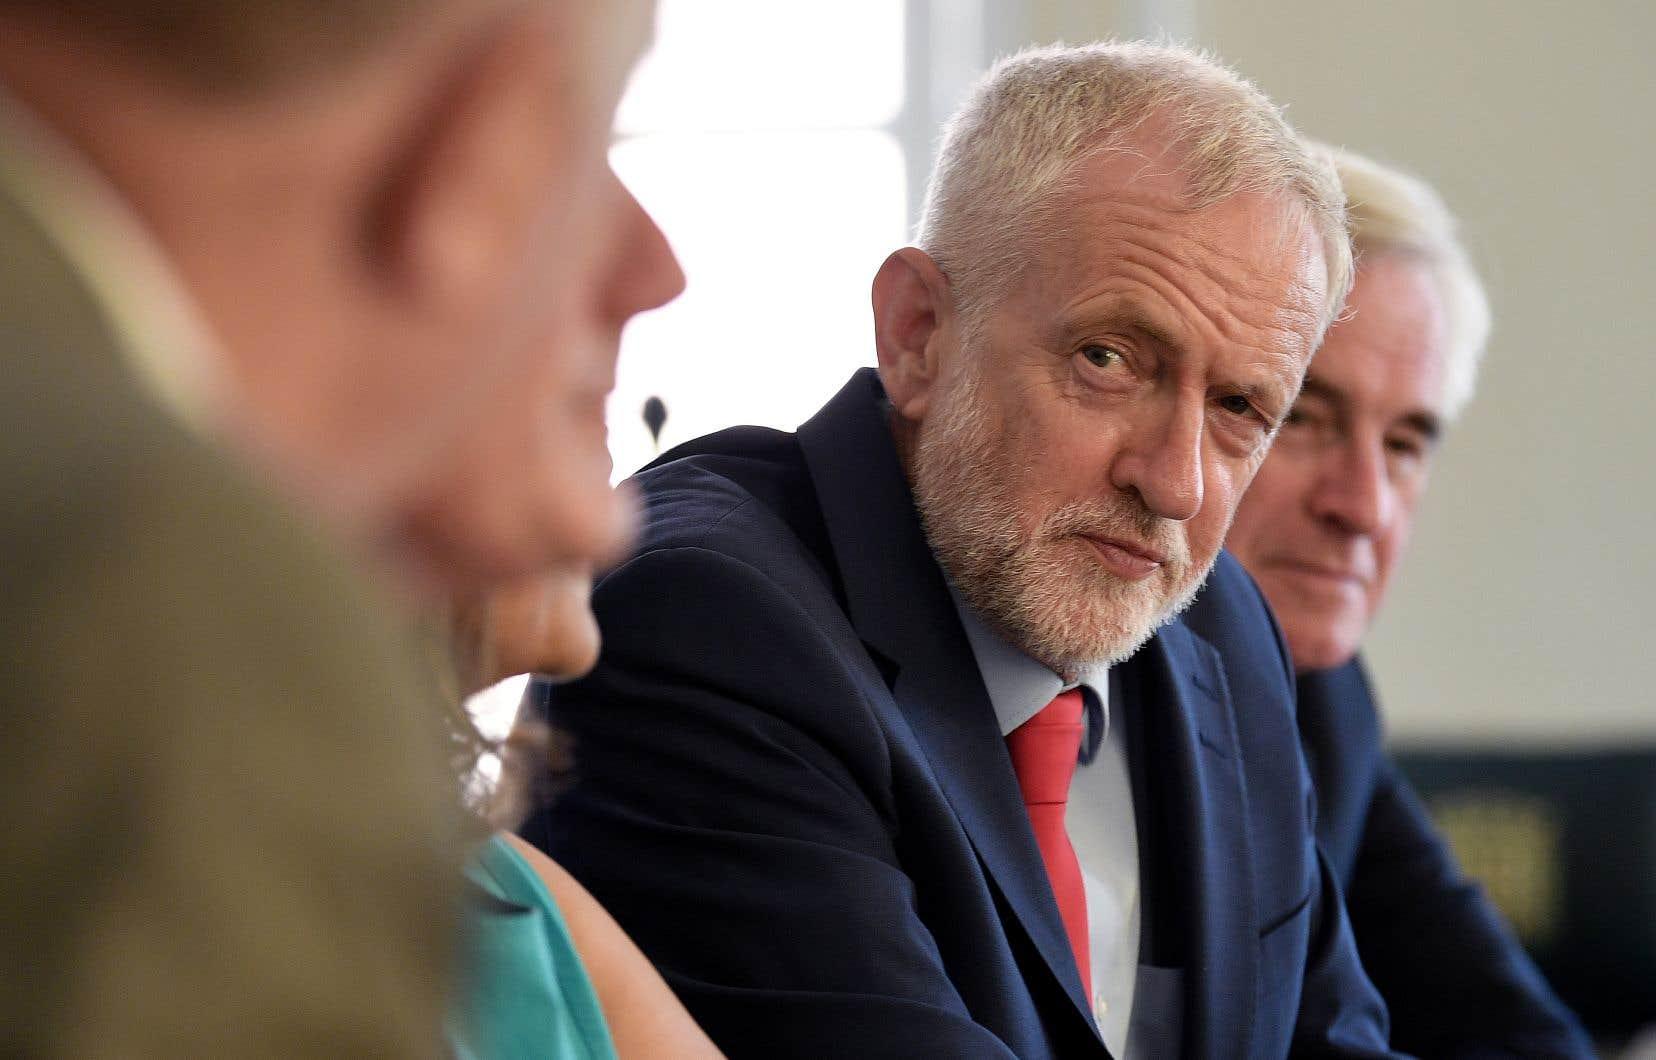 Le Labour, avec à sa tête Jeremy Corbyn (notre photo), estime que privilégier un rapprochement avec les États-Unis plutôt qu'un accord mettrait le royaume sous le joug de Trump au lieu de lui rendre sa souveraineté.